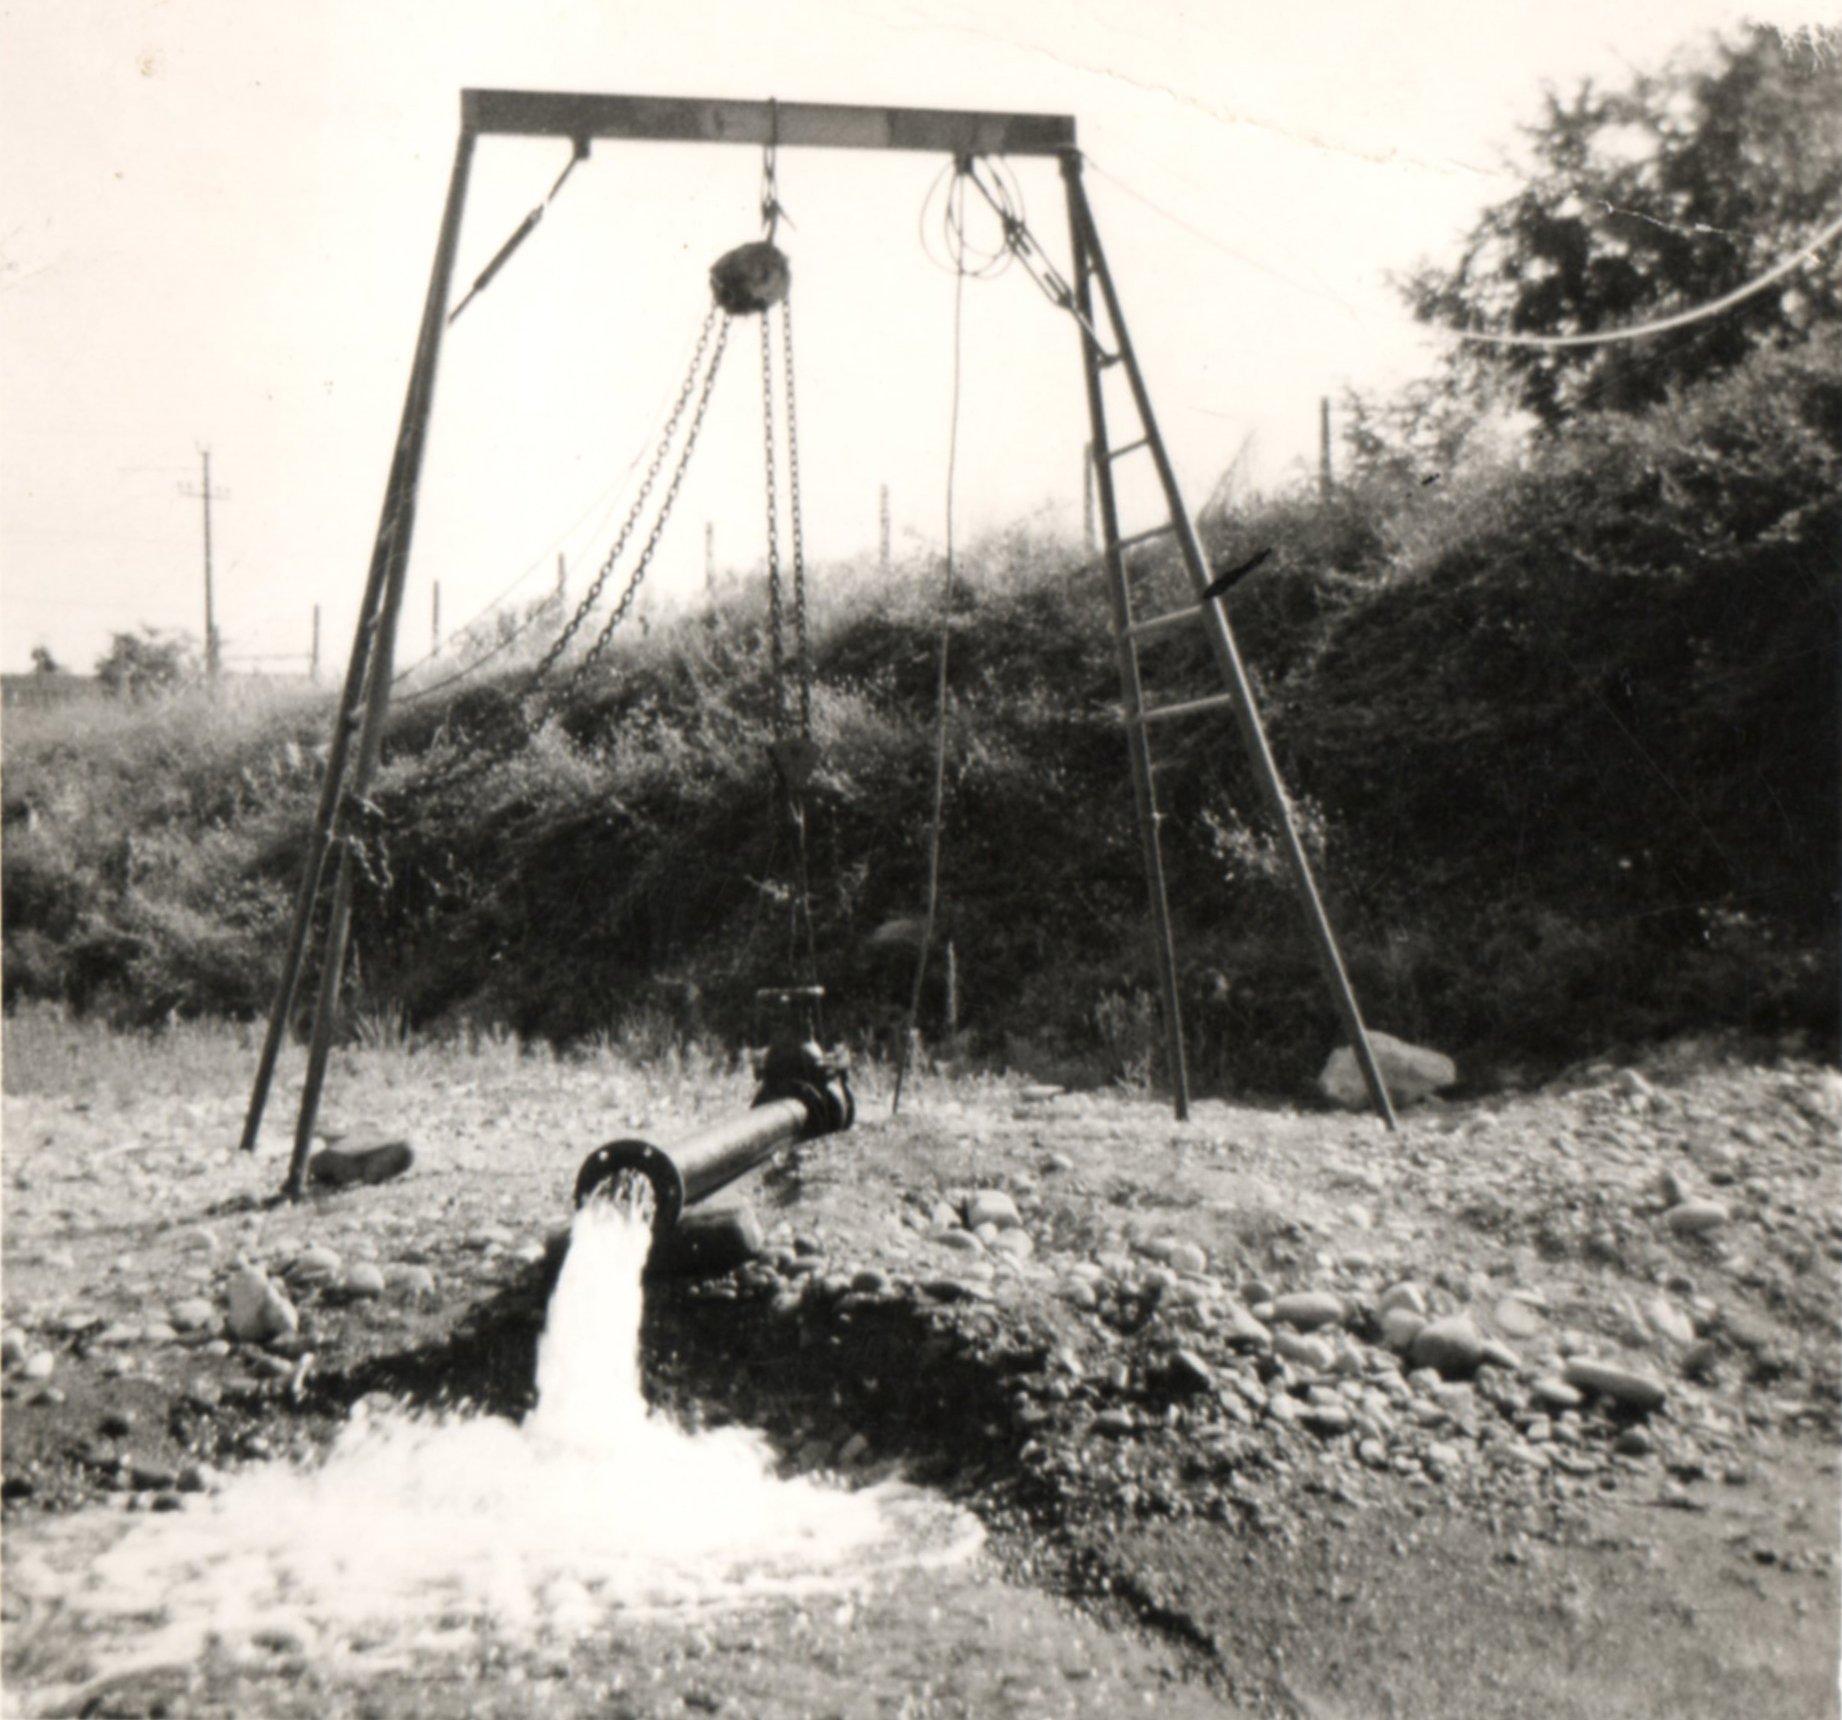 foto in bianco e nero della realizzazione di un pozzo